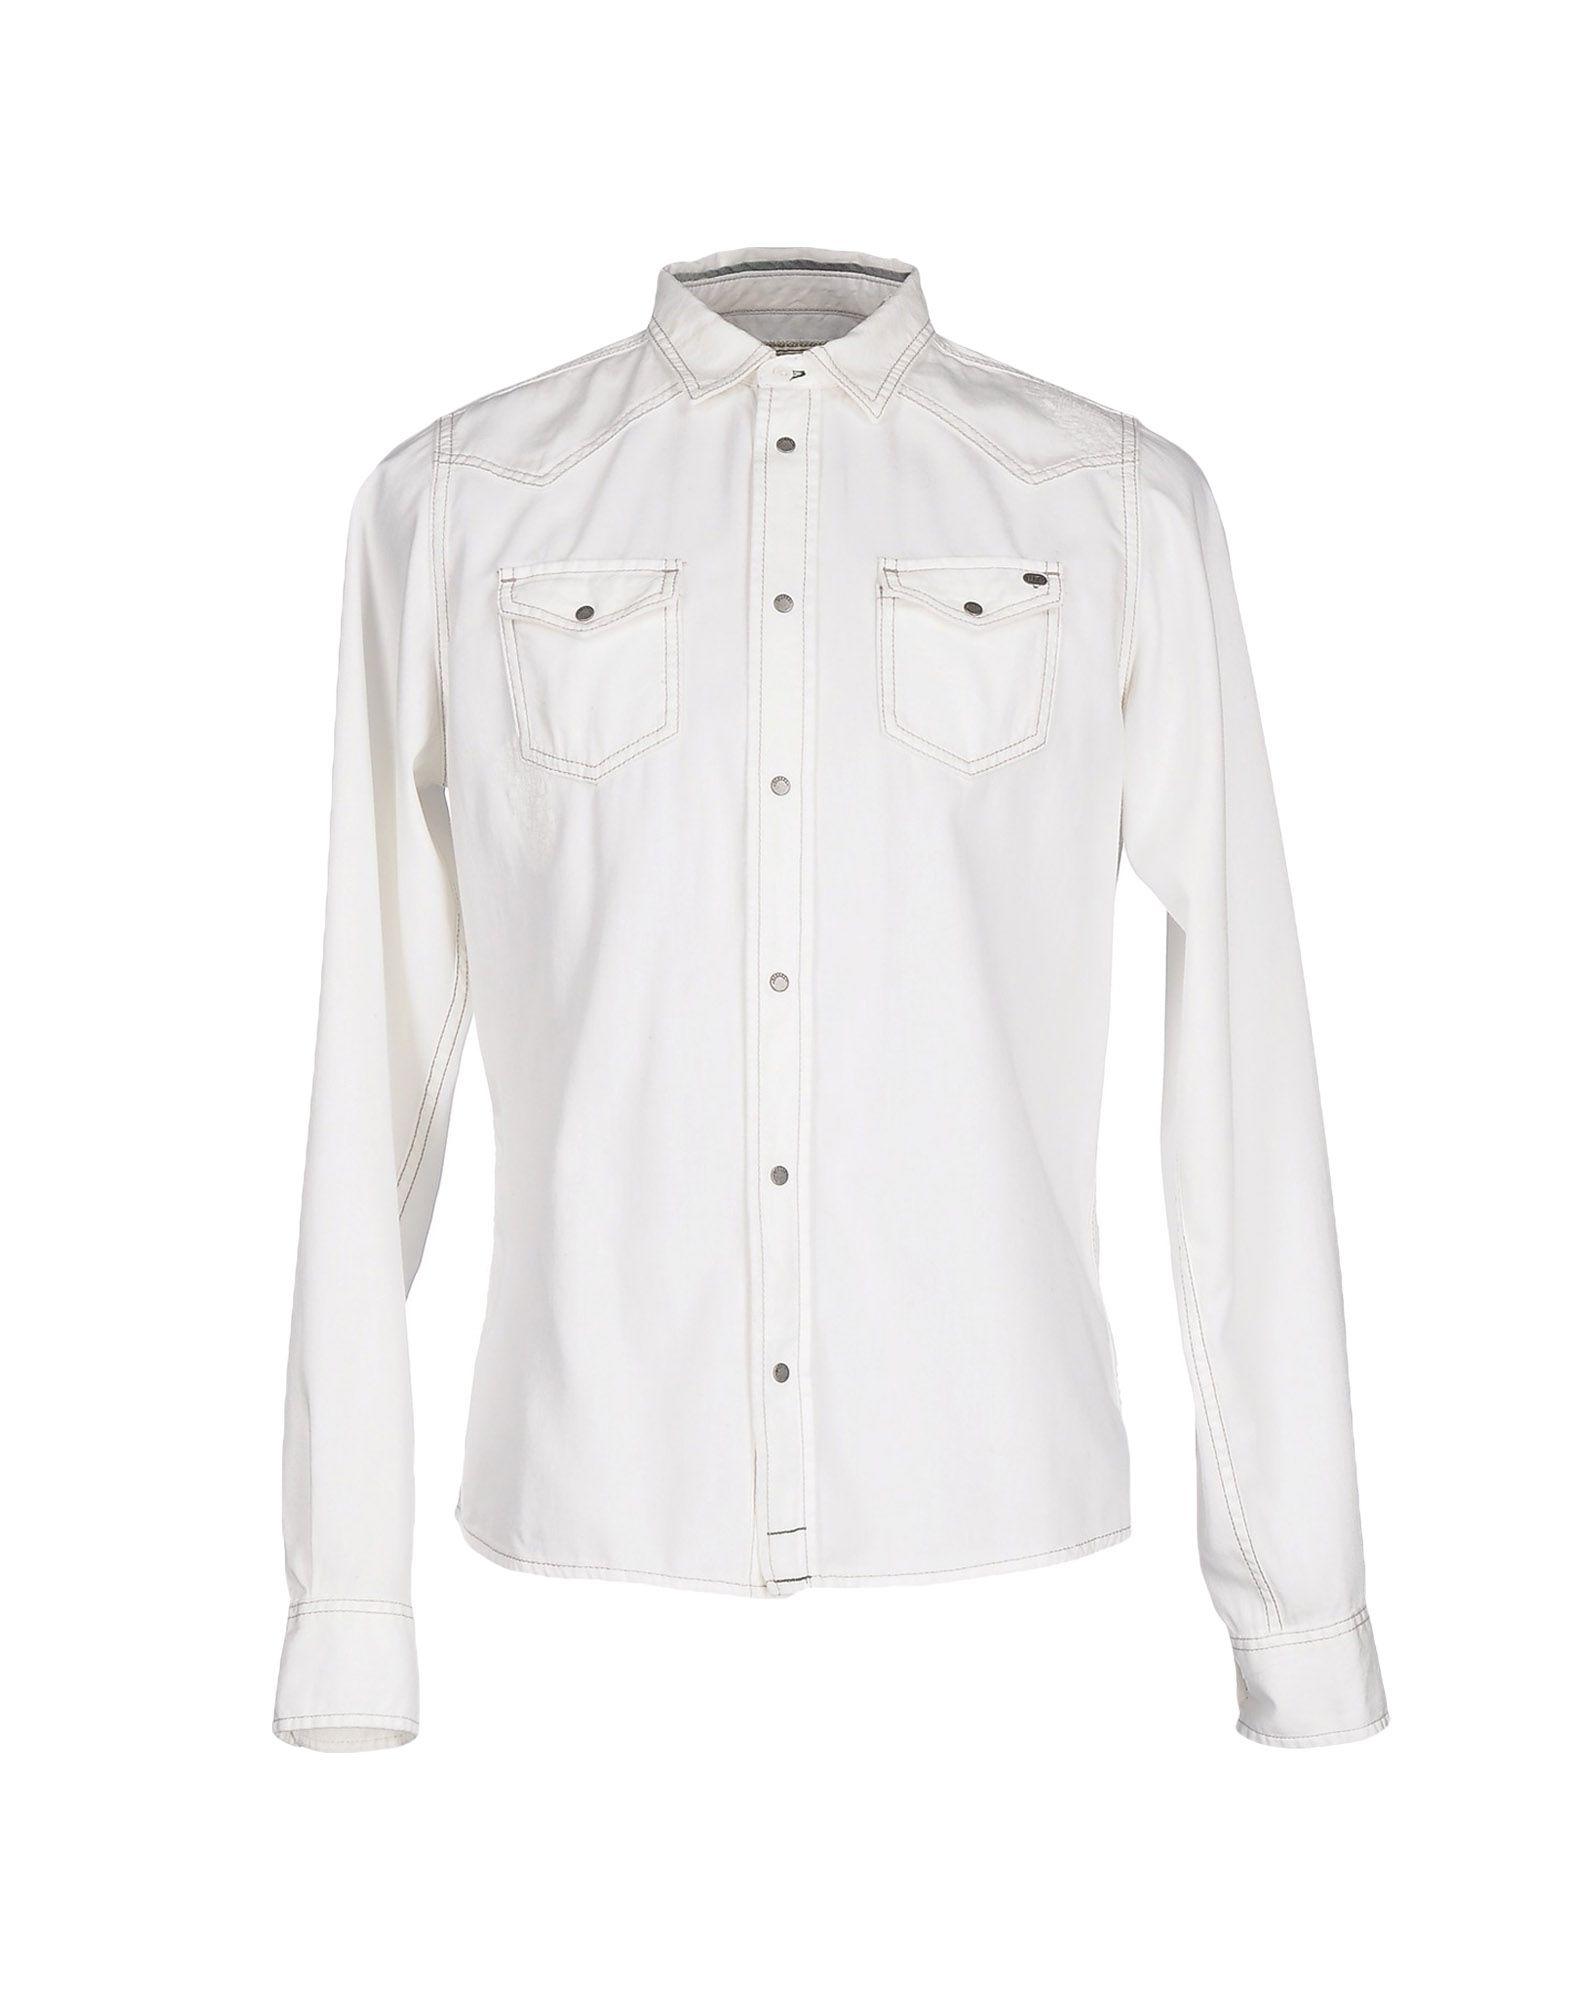 DIESEL Джинсовая рубашка рубашка diesel 00s317 0kaps 81e